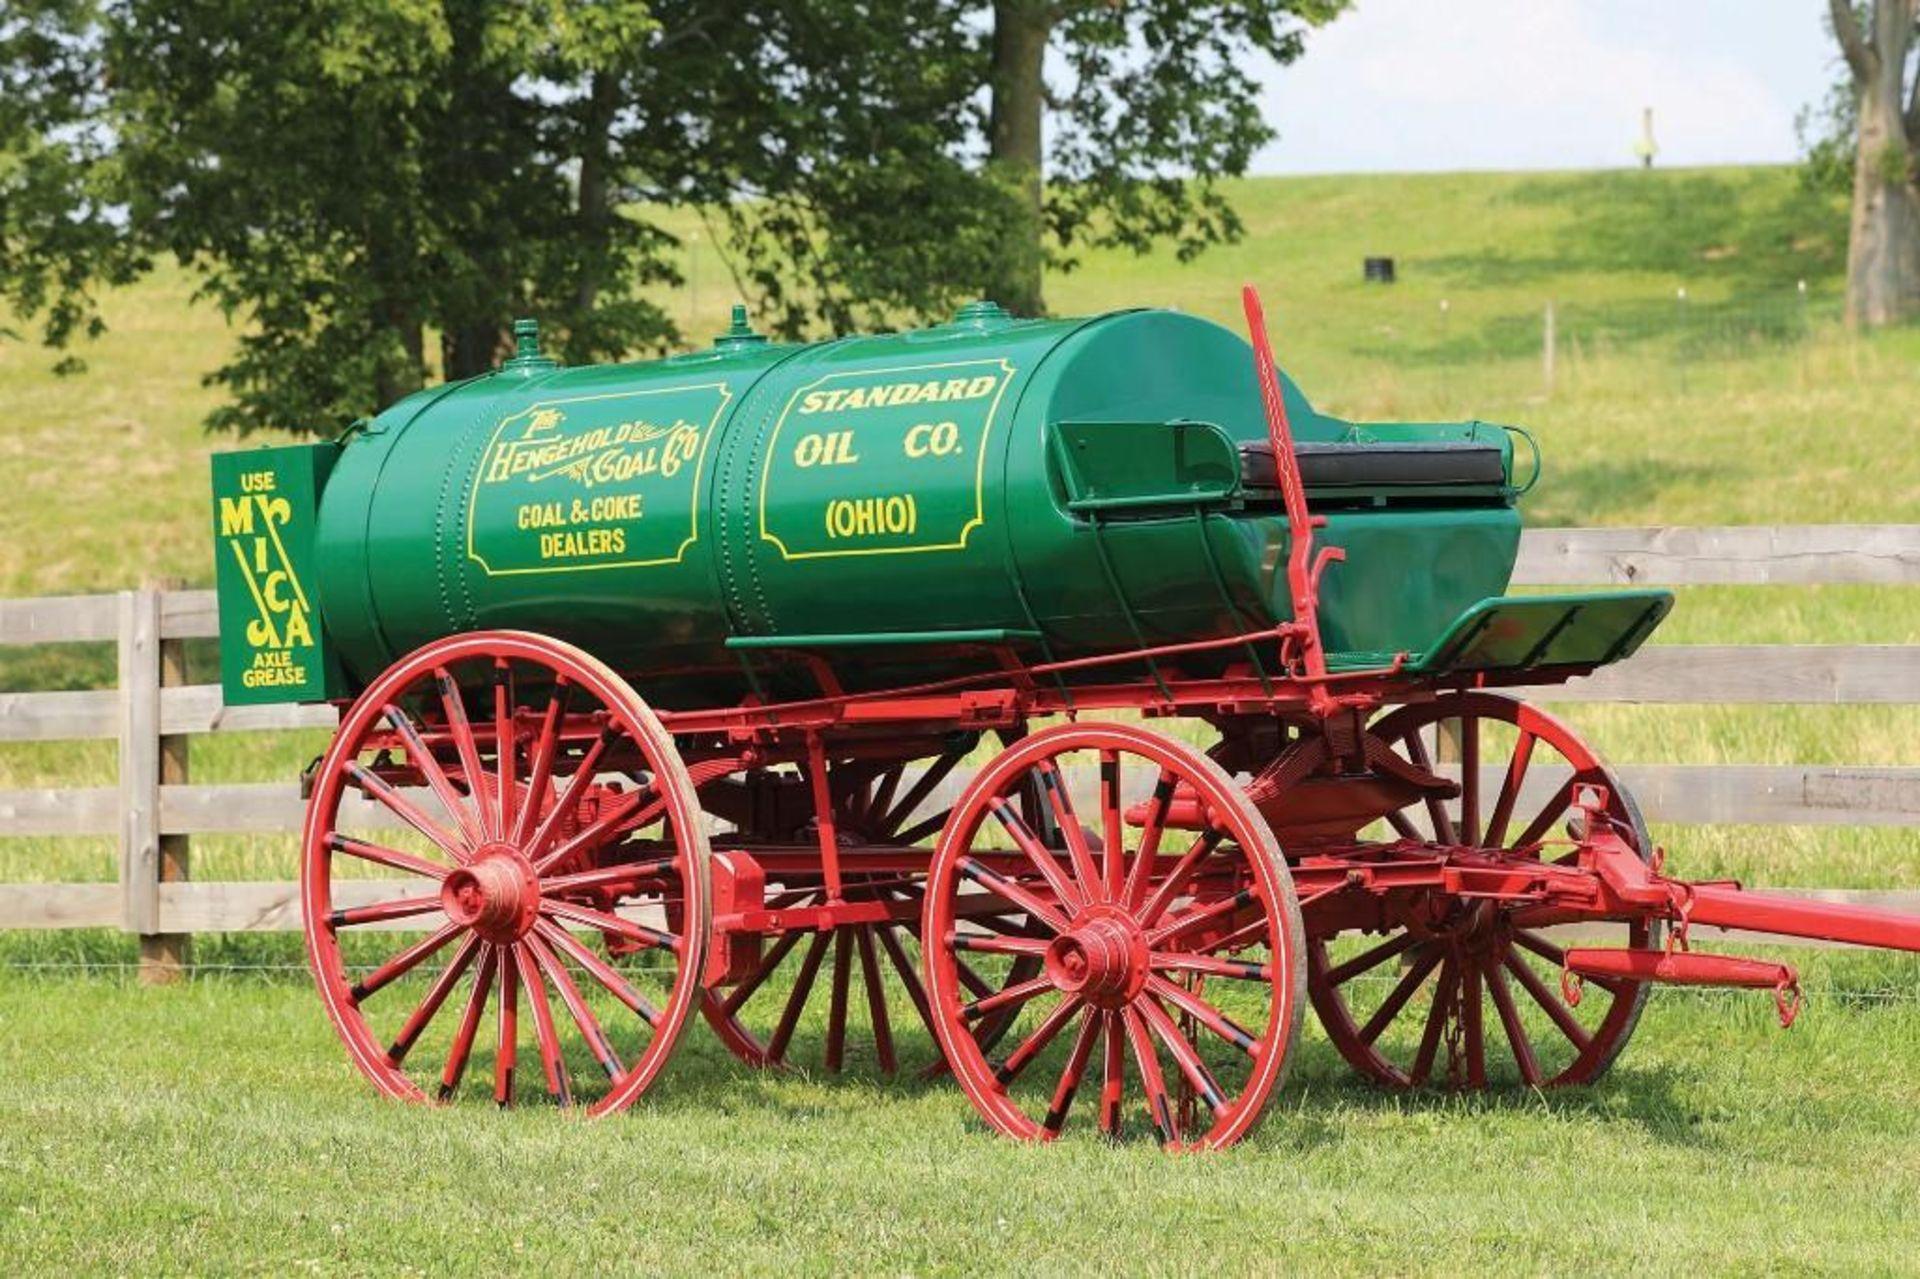 Restored Vintage Standard Oil Fuel Wagon - Image 2 of 3